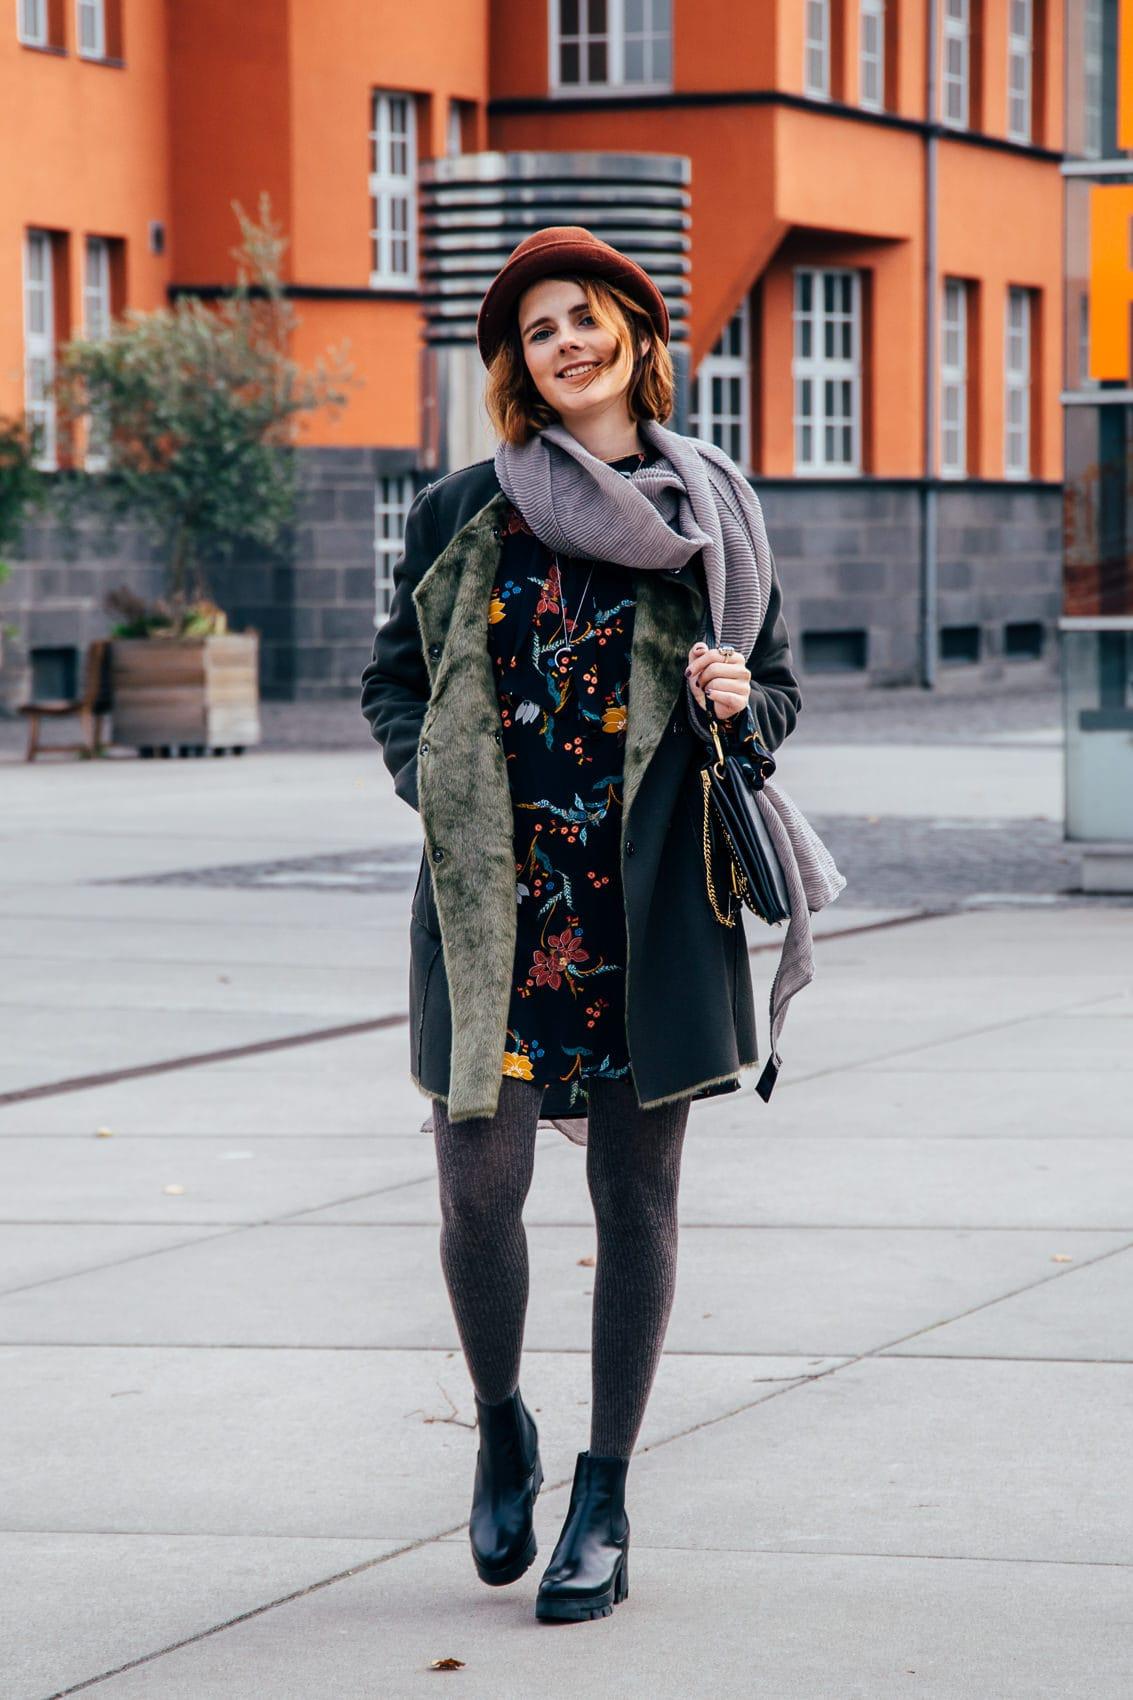 Stylisch ohne zu frieren: Minikleid, Wollstrumpfhose & Chloé Faye Bag